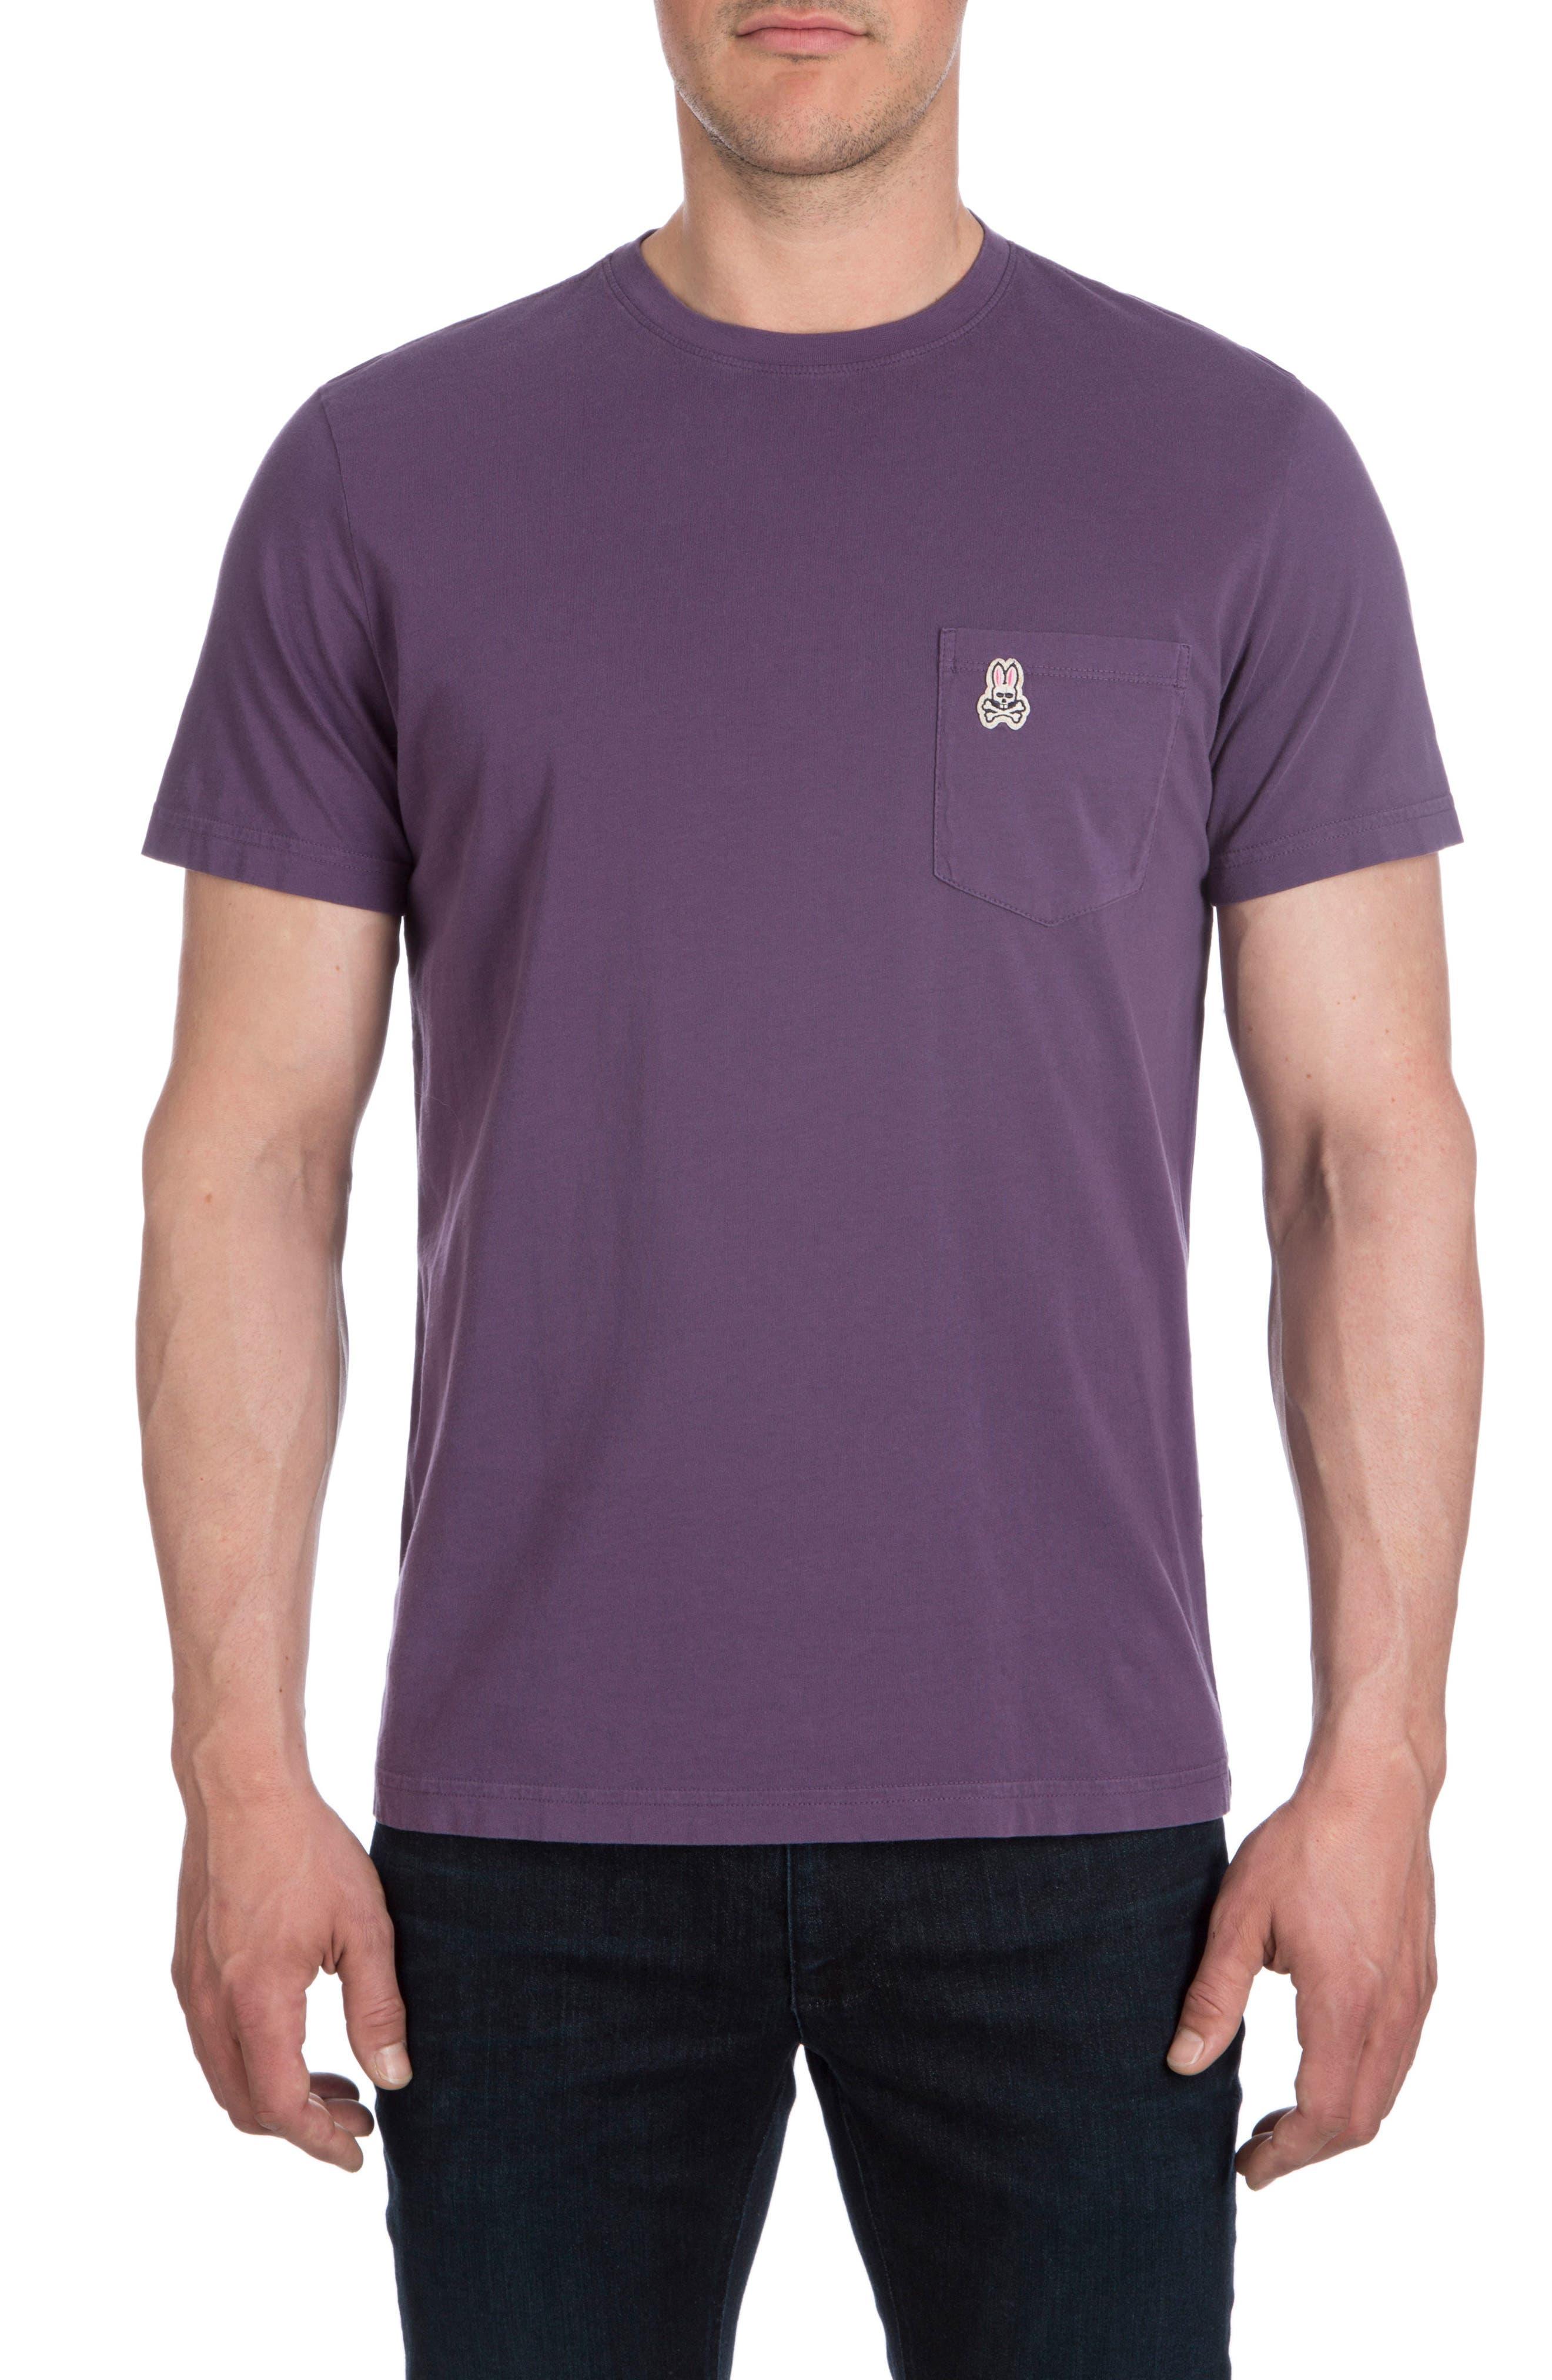 Psycho Bunny Langford Garment Dye T-Shirt